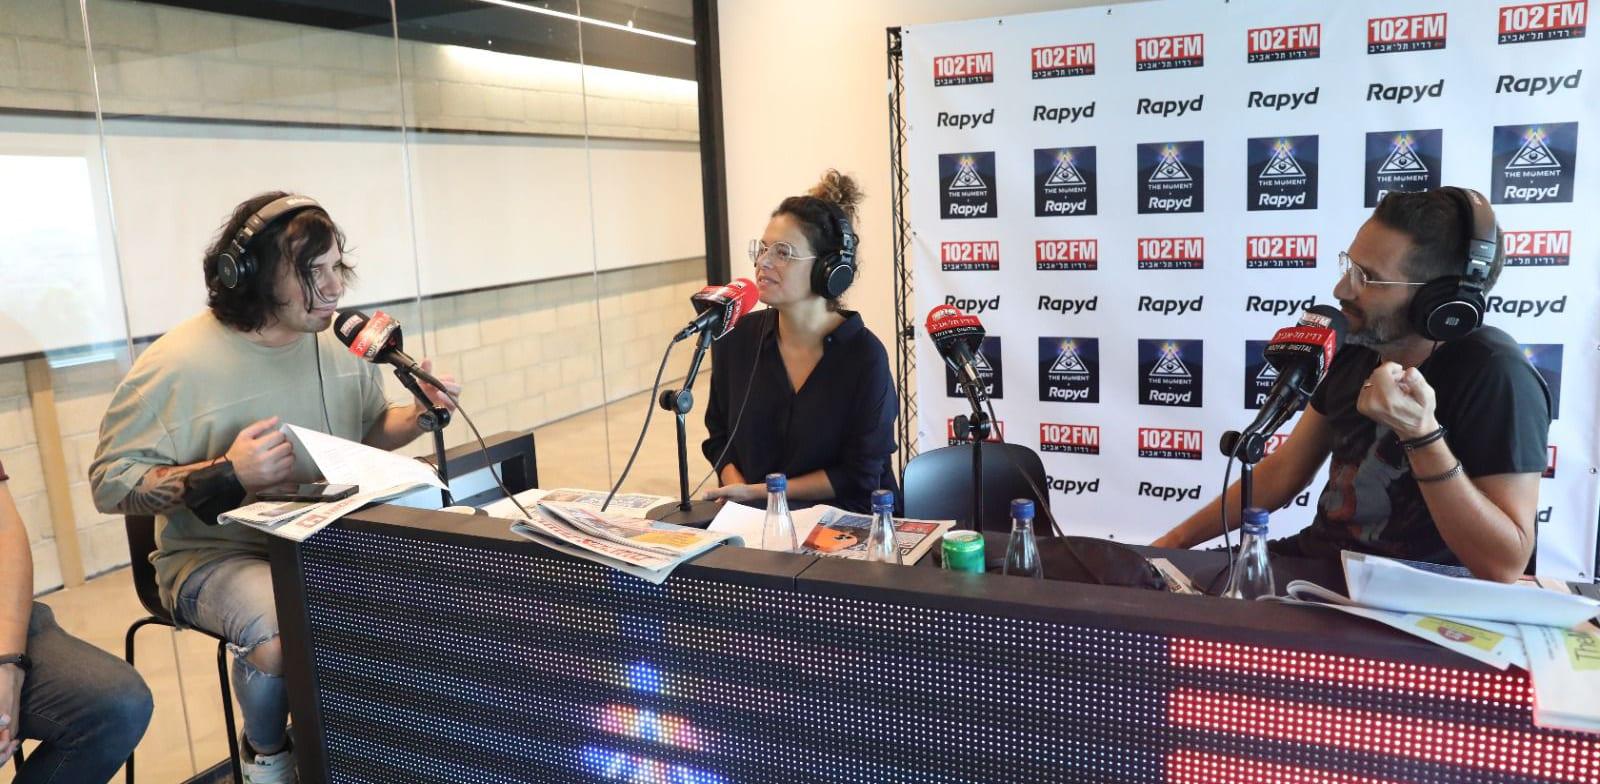 גורי אלפי, גלית חוגי וסקאזי אתמול באולפן רדיו תל אביב במטה ראפיד / צילום: שגיא שלפר